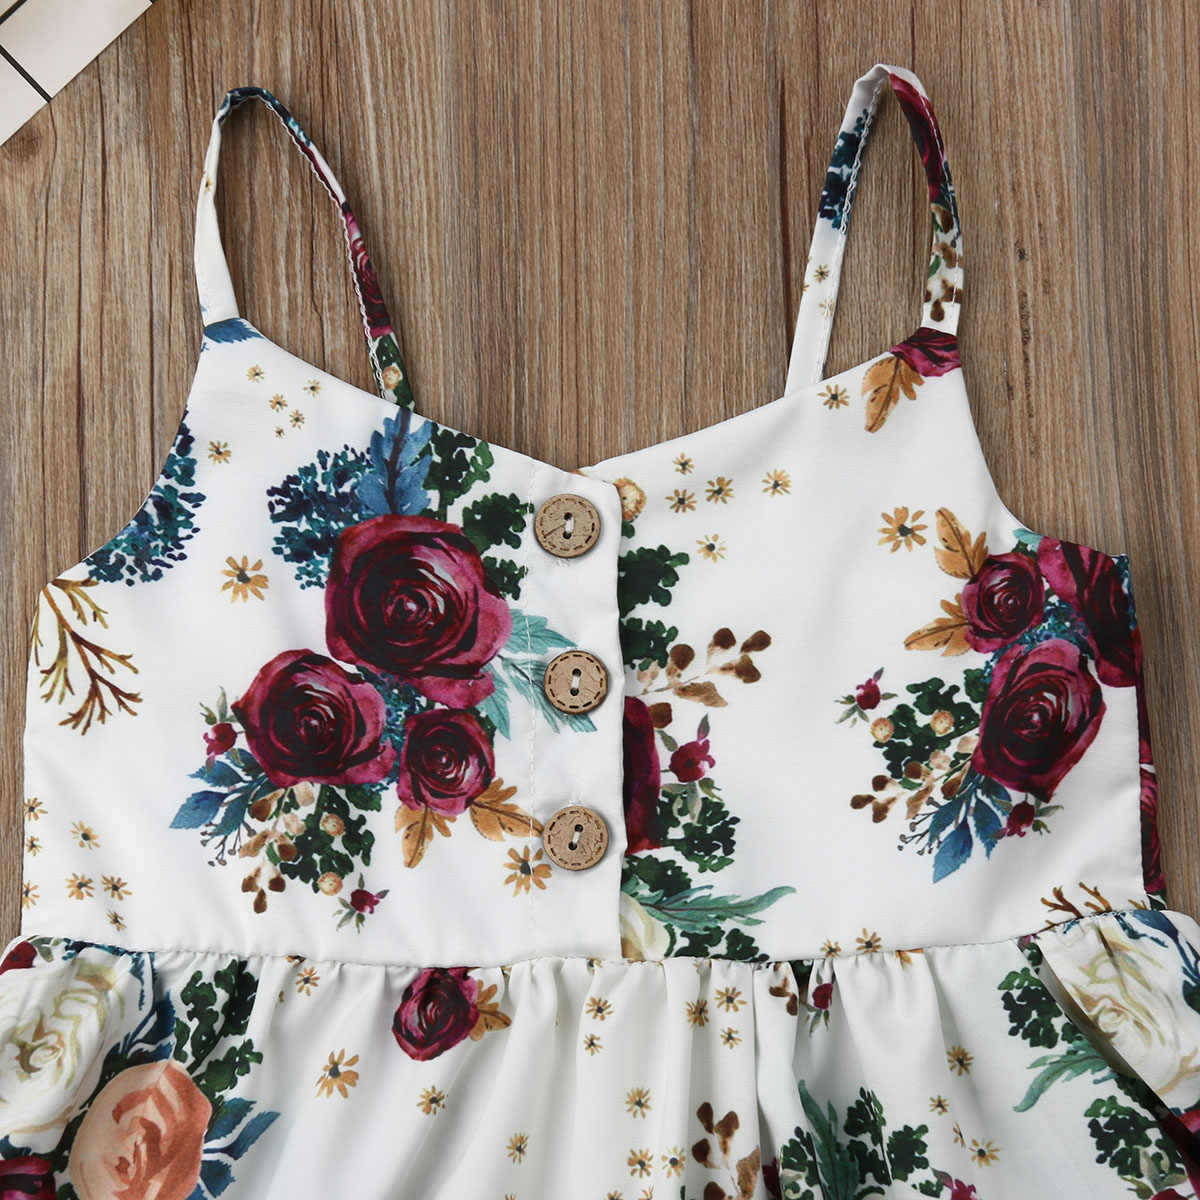 لطيف طفل بنات زهرة فستان بدون أكمام موديل برنسيس فستان الشمس لحديثي الولادة طفلة الرضع ملابس الأطفال طفل ملابس الصيف